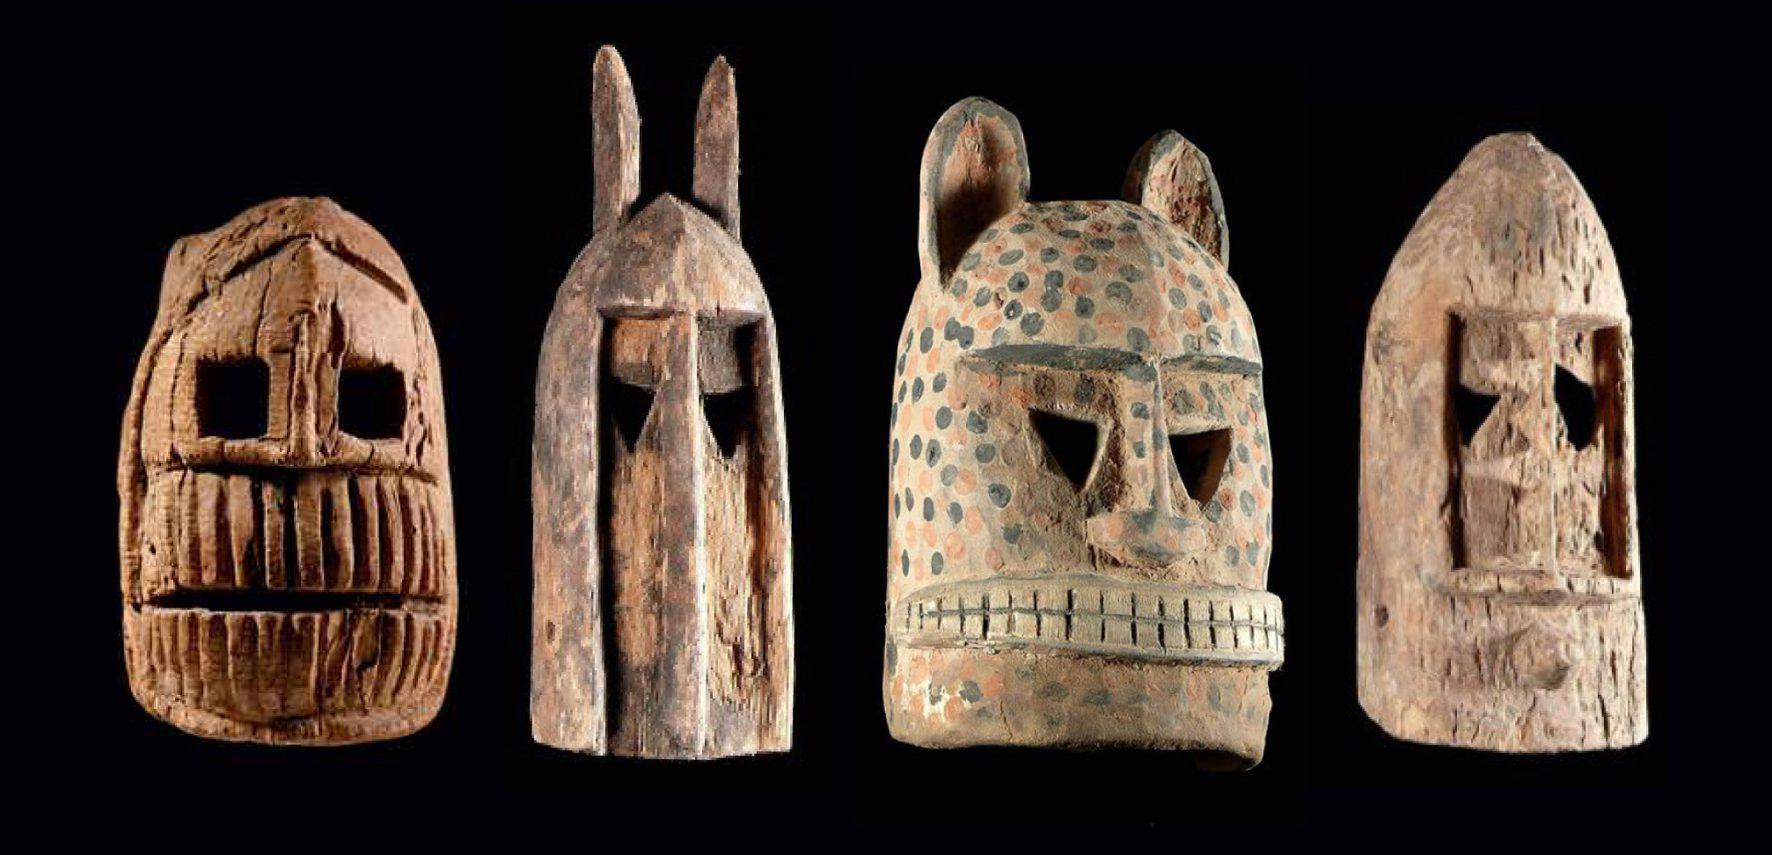 Trafic d'objets d'art -Afrique